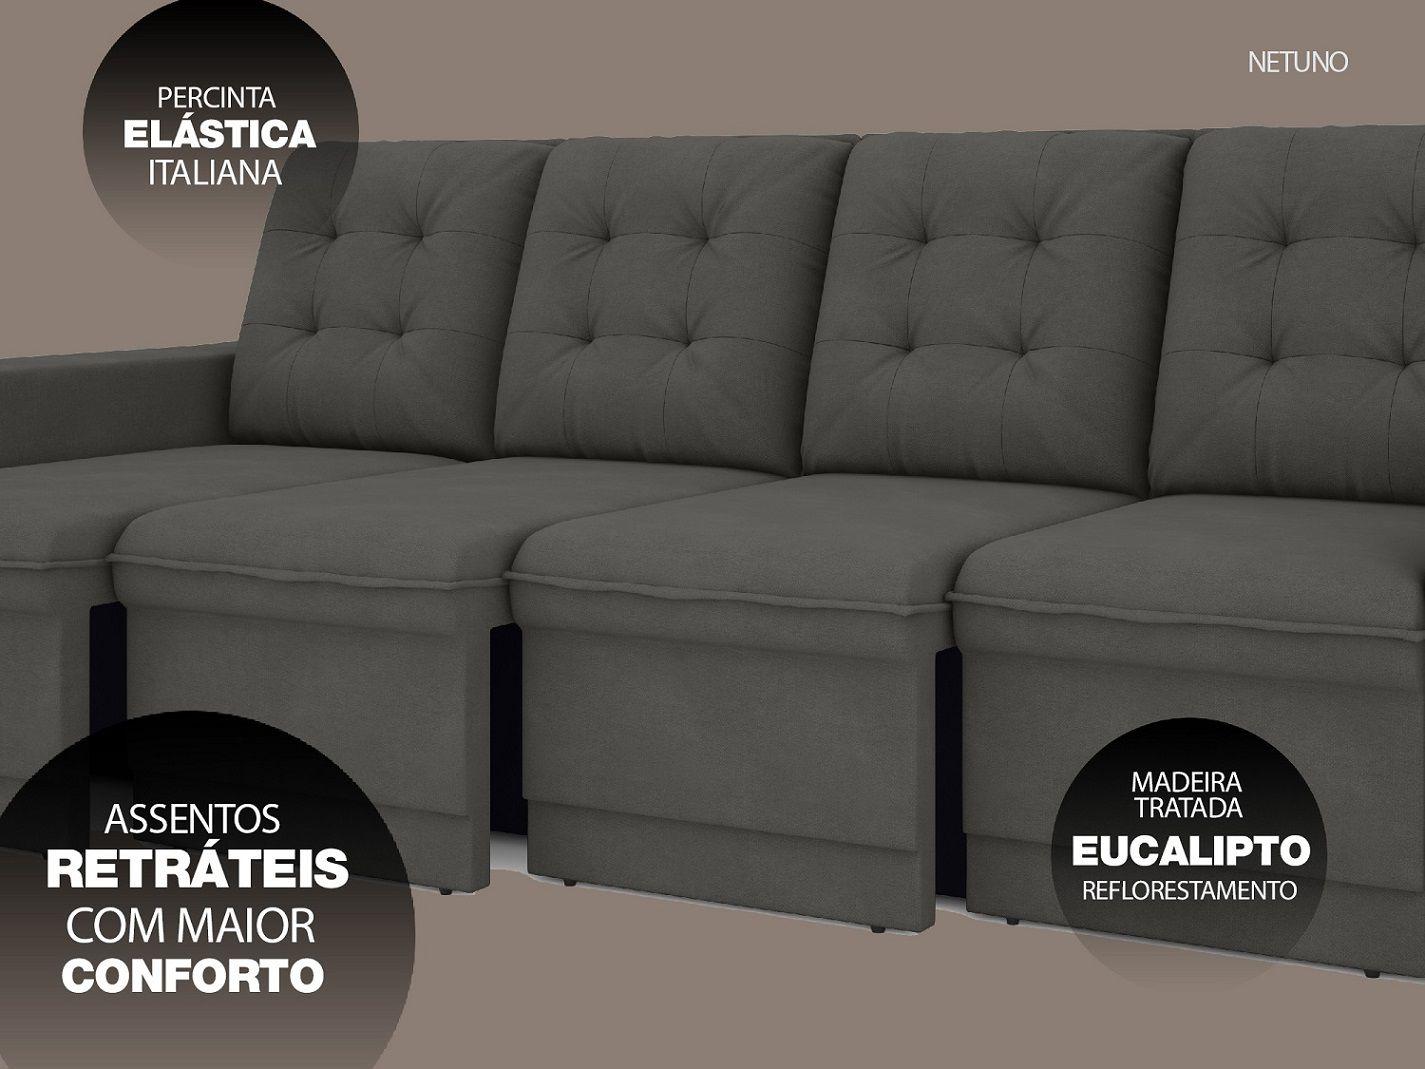 Sofá Netuno 2,60m Retrátil Velosuede Cinza - NETSOFAS